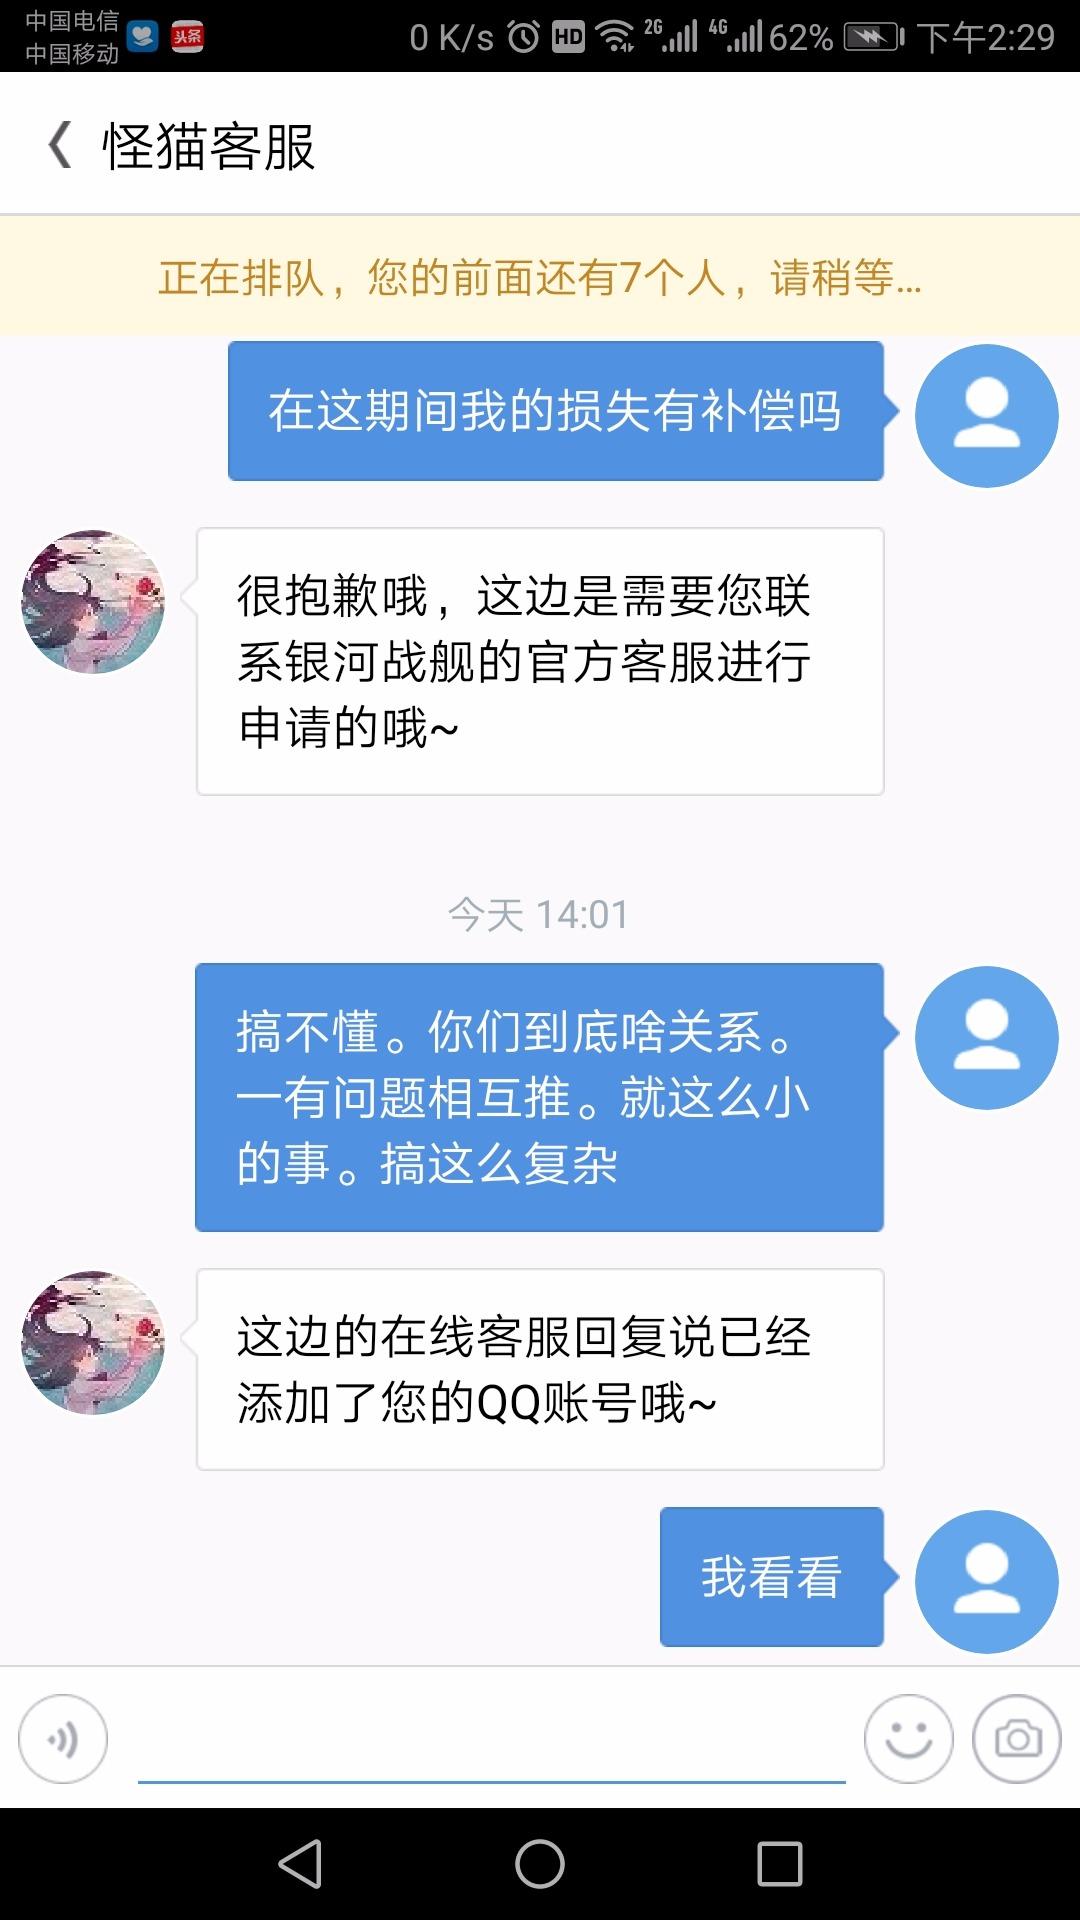 Screenshot_20180731-142908.jpg